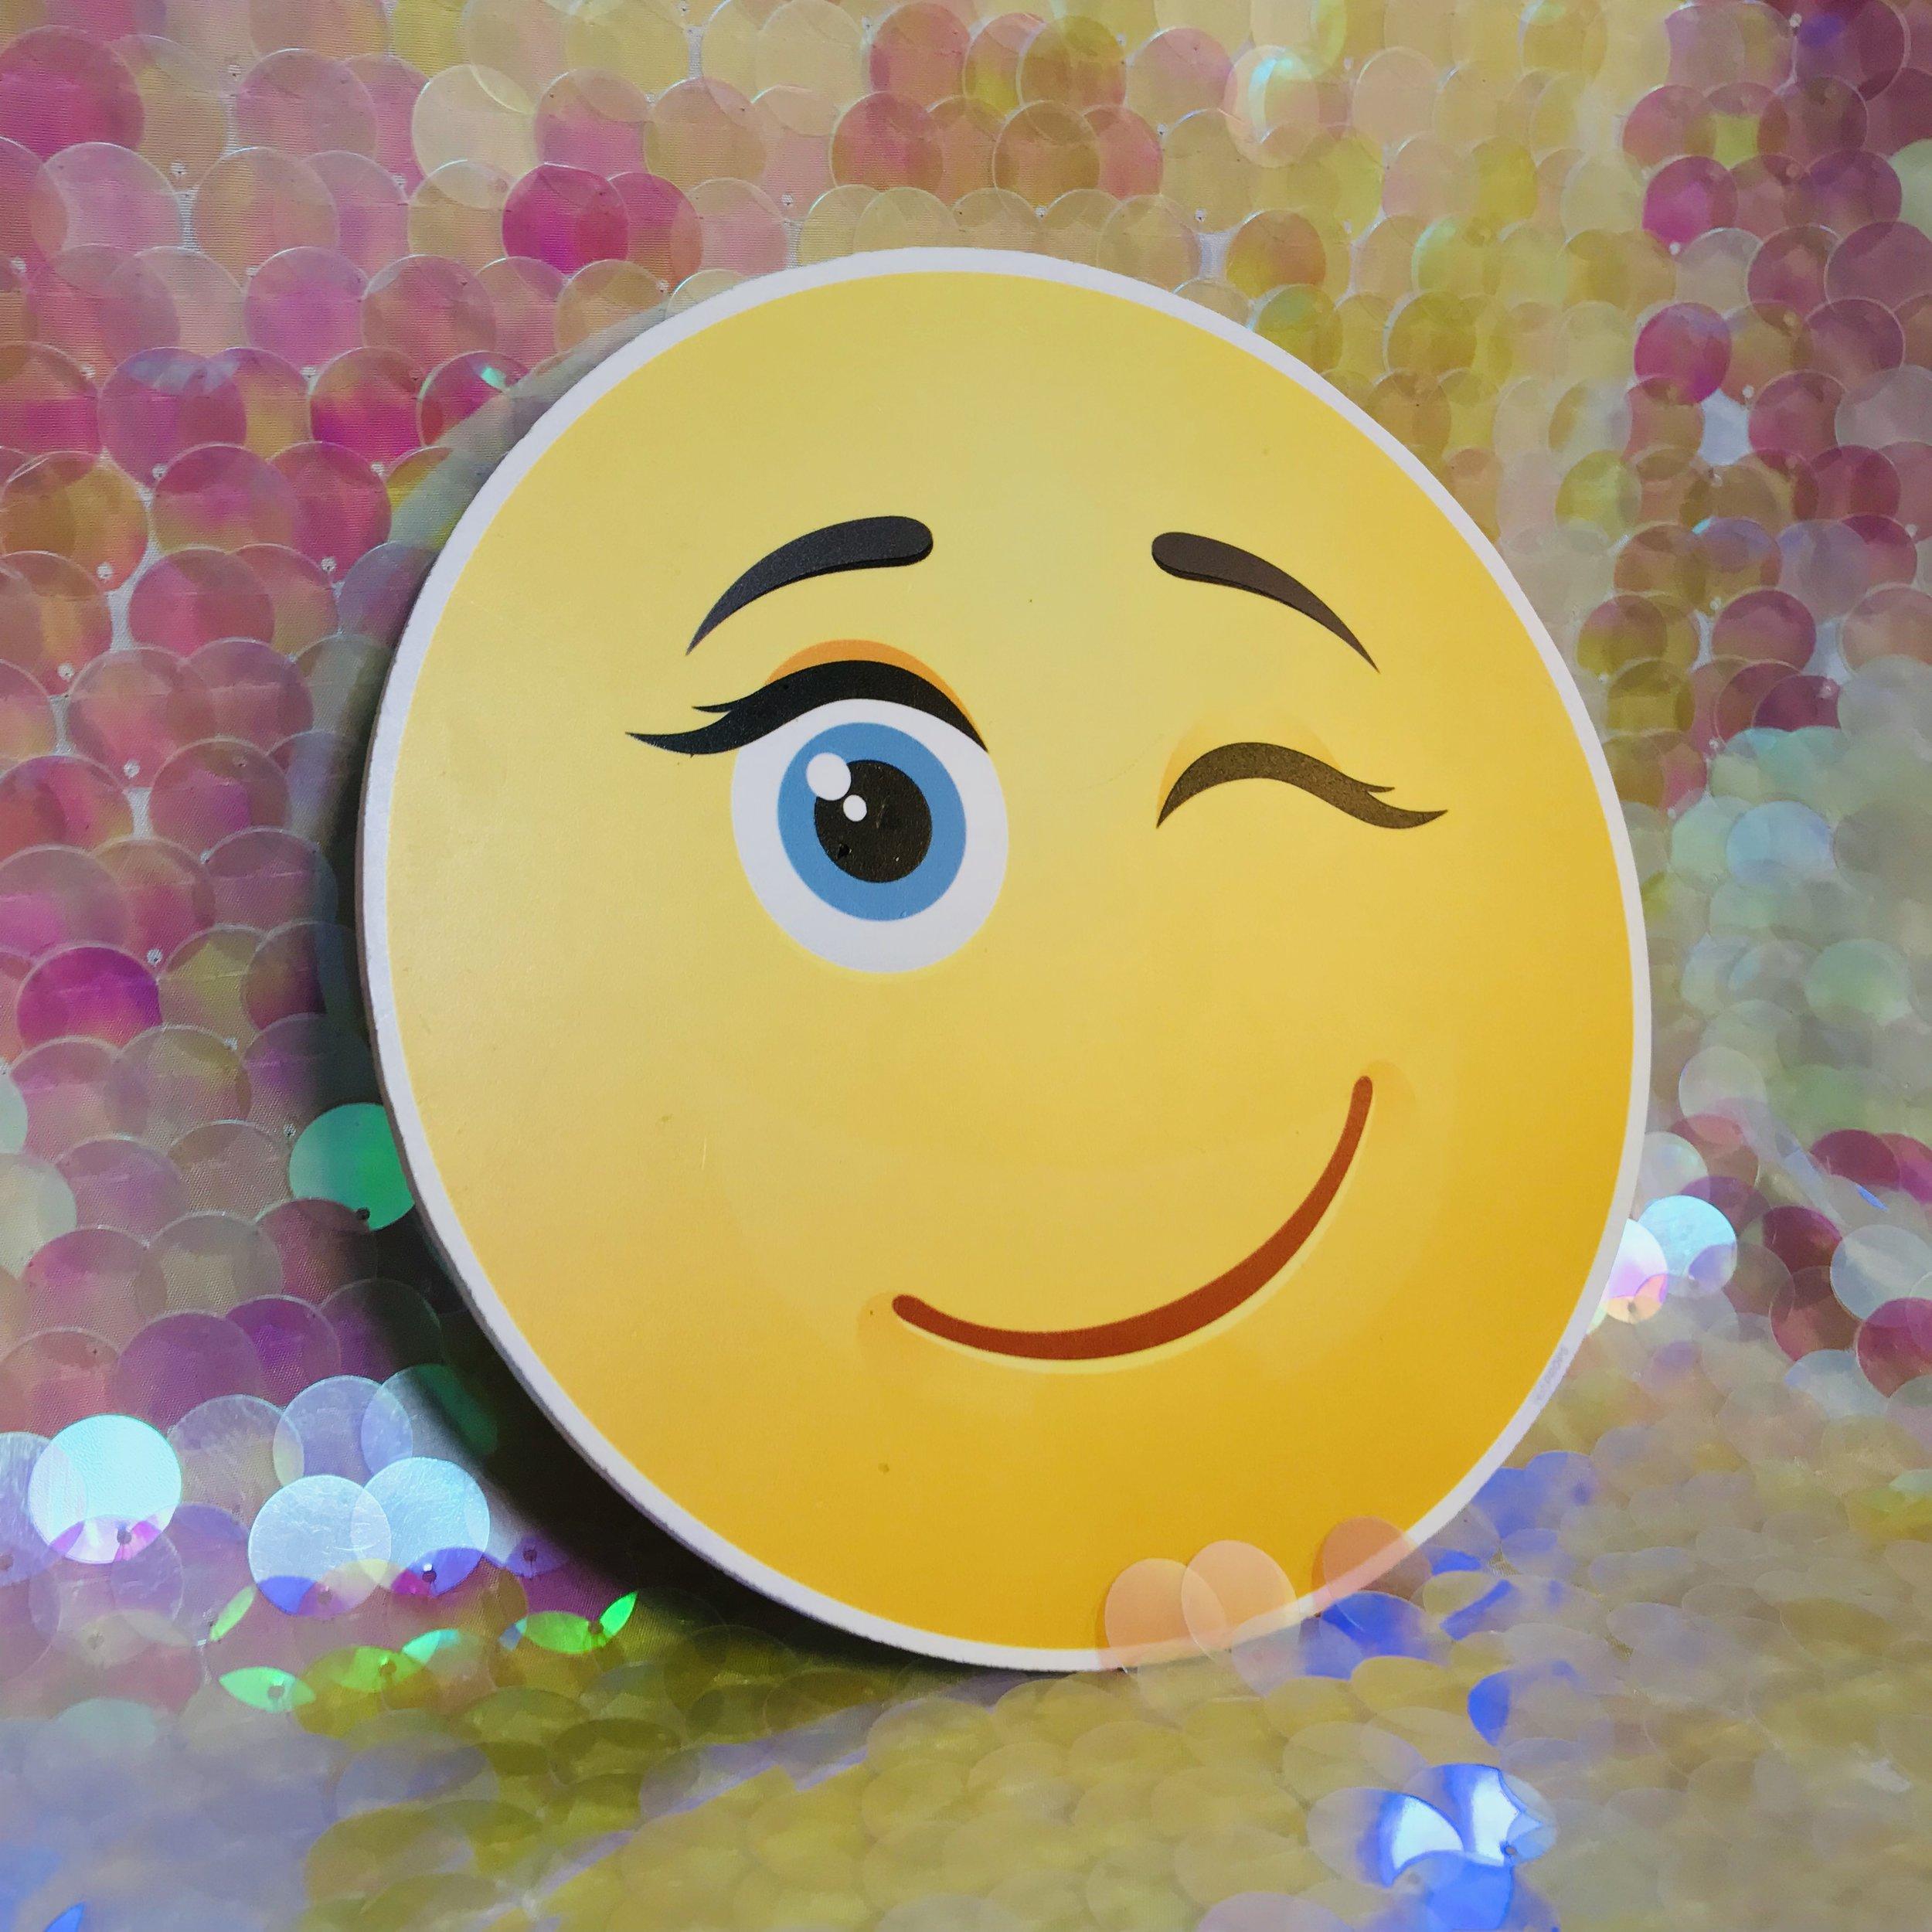 Wink Emoji.jpg